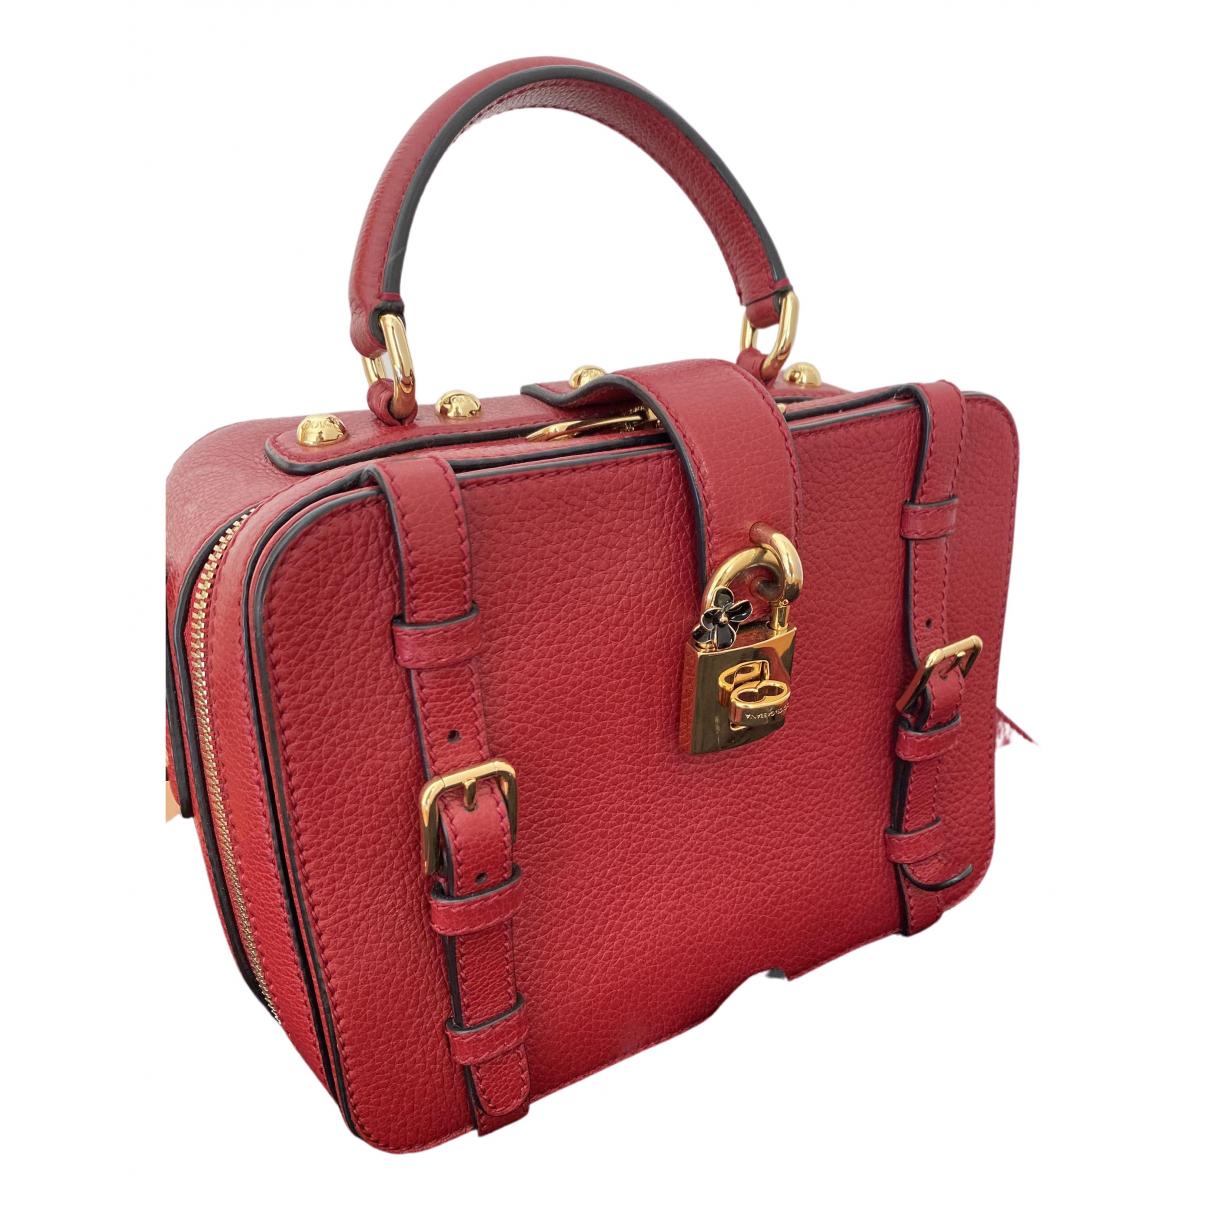 Dolce & Gabbana - Pochette   pour femme en cuir - rouge